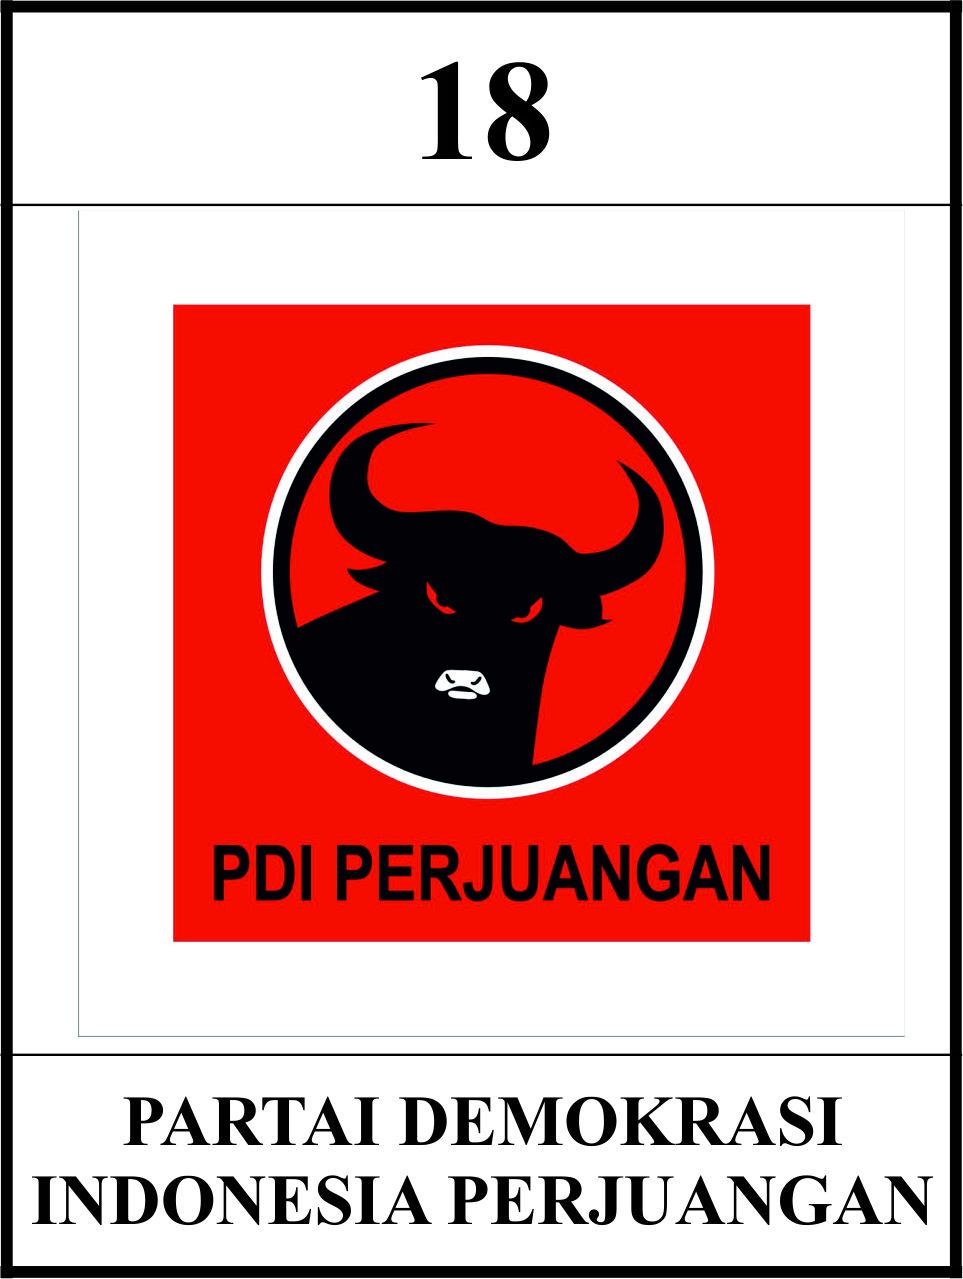 partai demokrasi indonesia perjuangan pdip pejuang indonesia pinterest